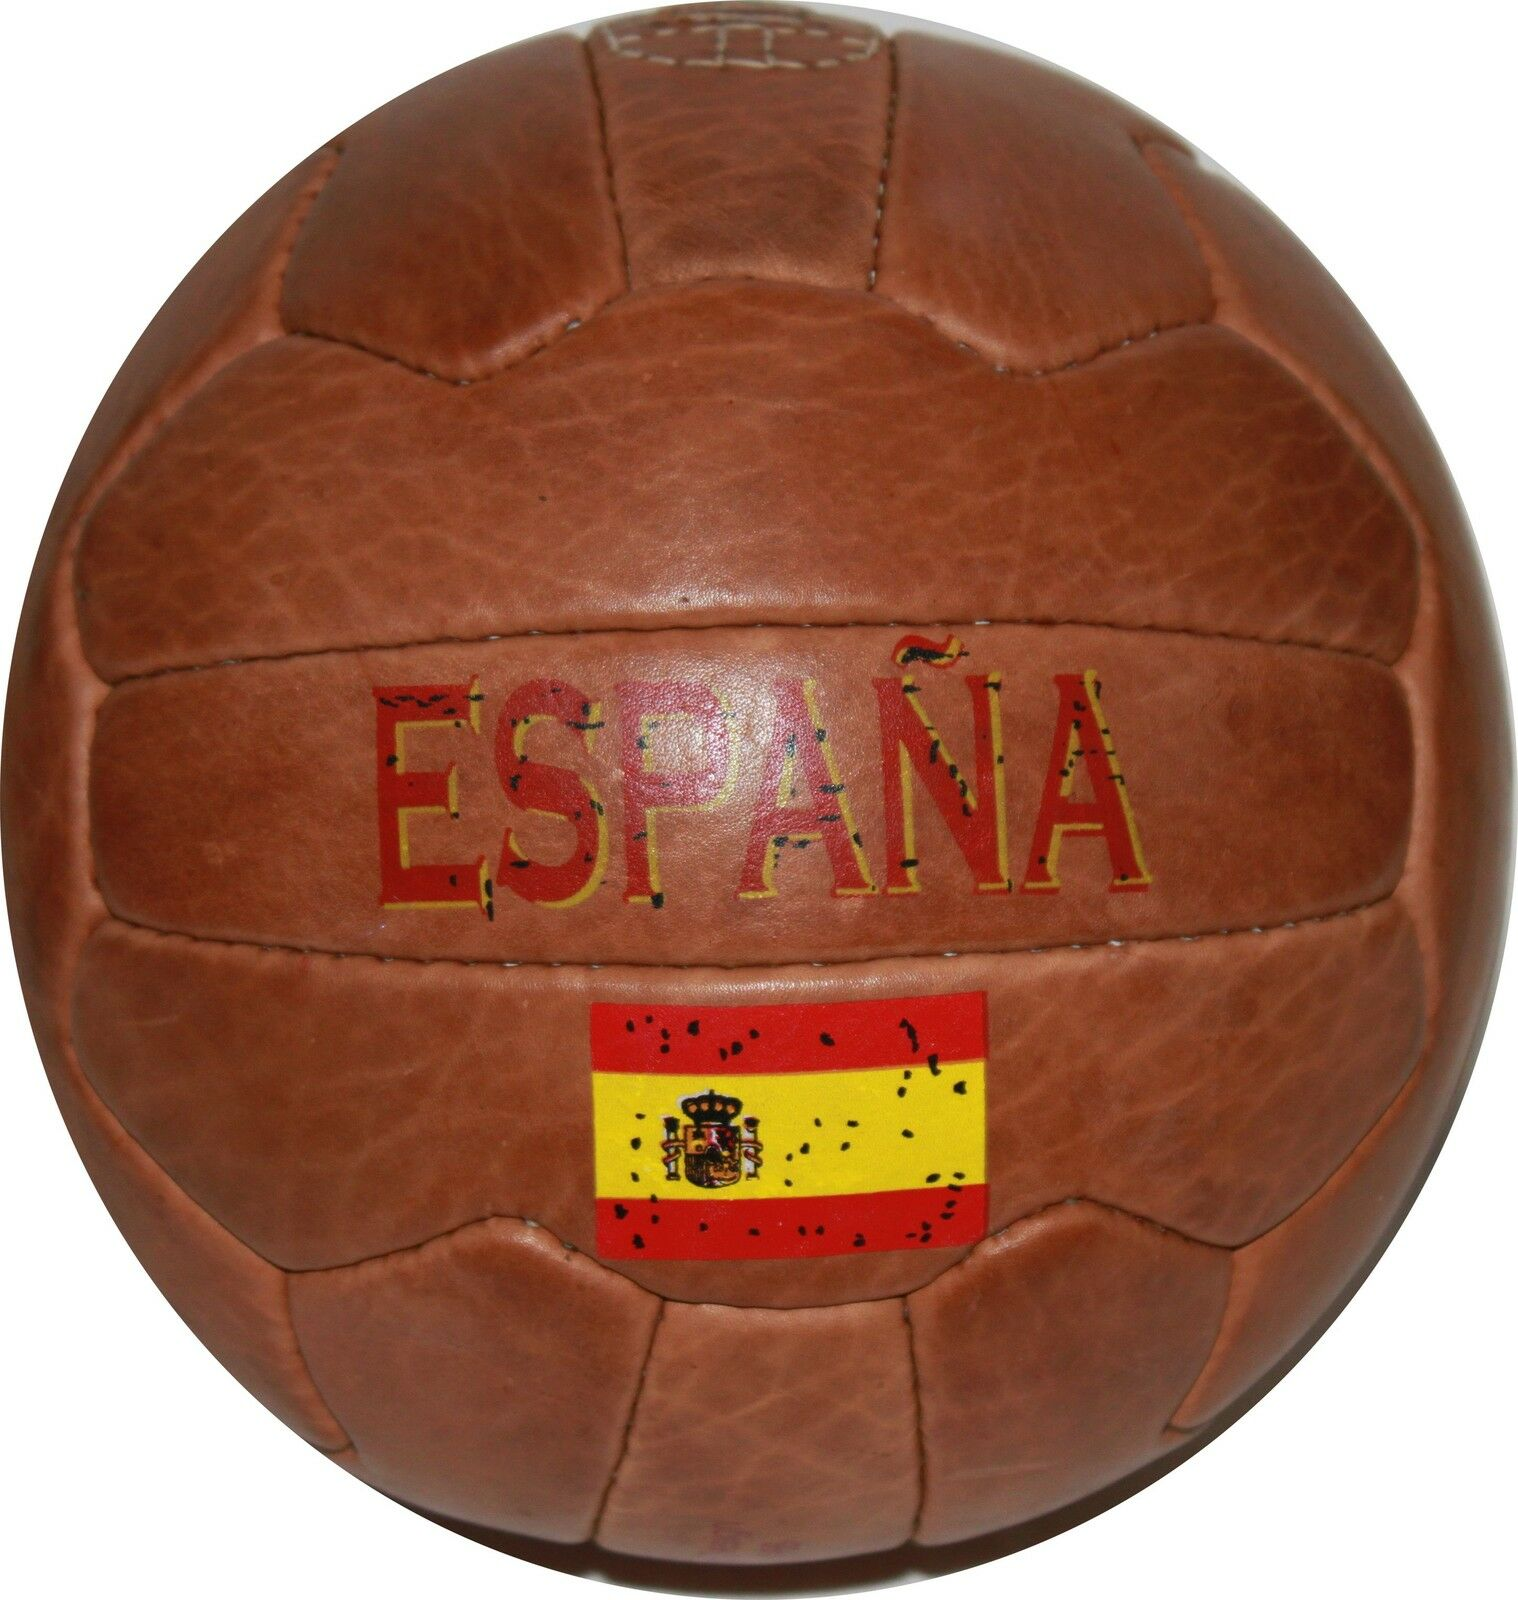 SPAIN  - Vintage Leder Soccer Ball 1966 -- 100% Leder